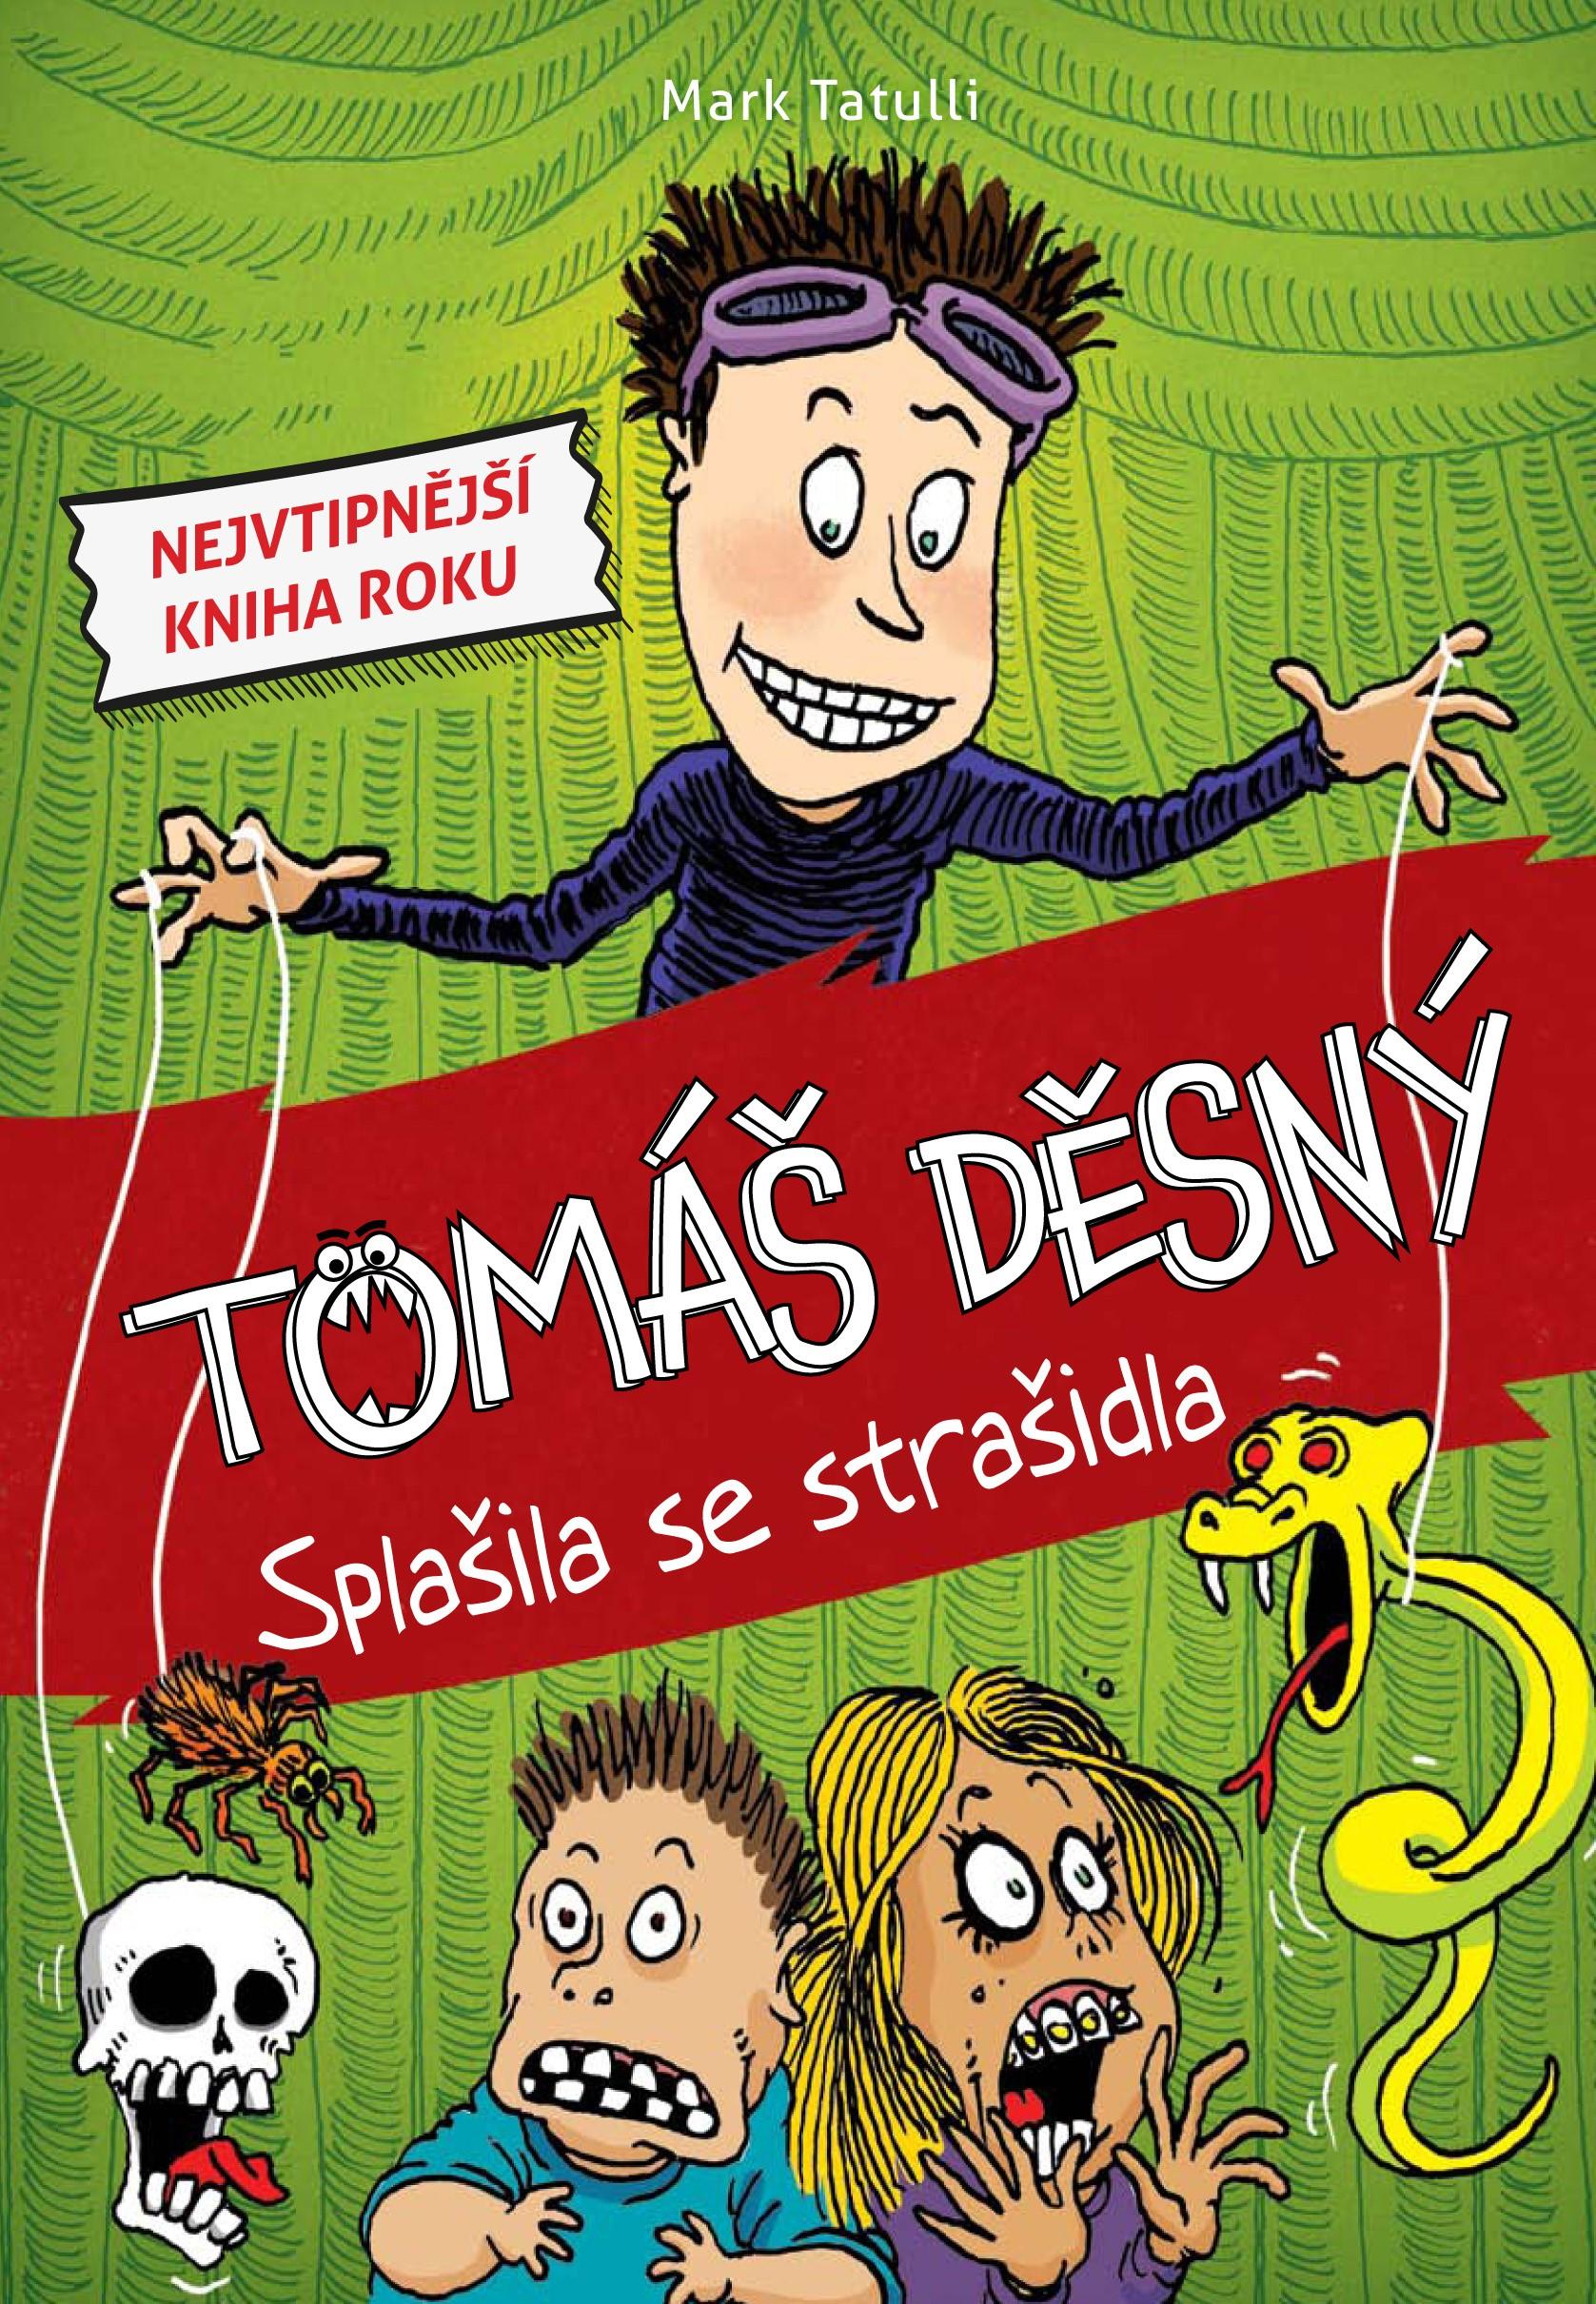 Tomáš Děsný | Mark Tatulli